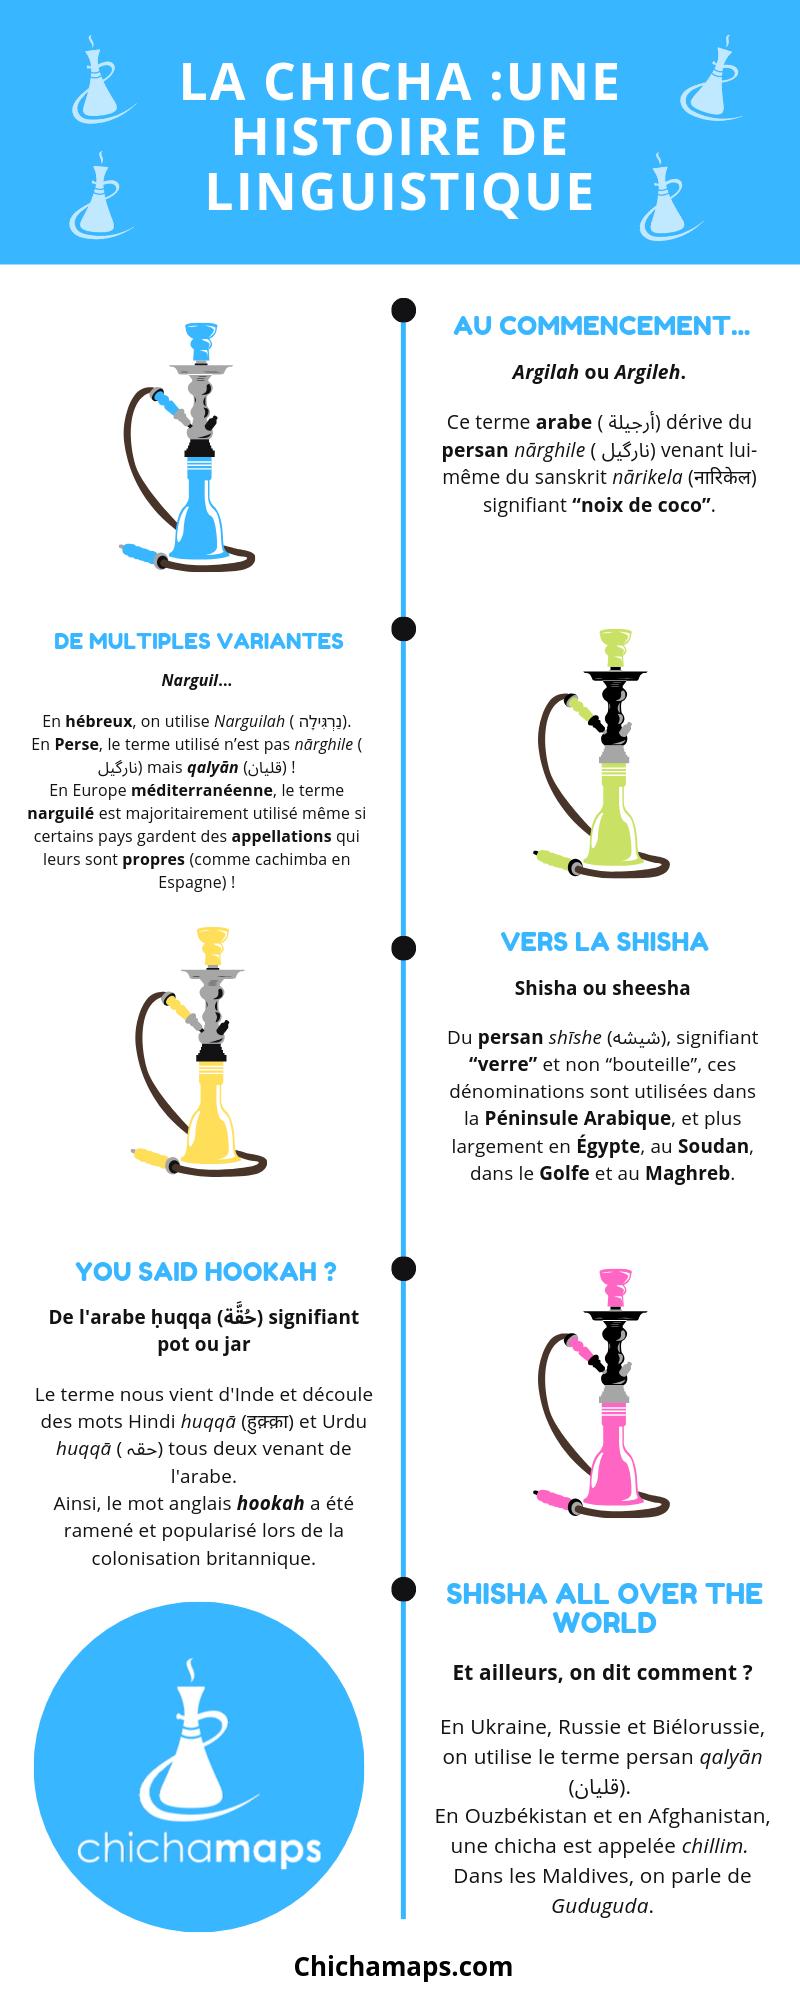 infographie-histoire-linguistique-chicha